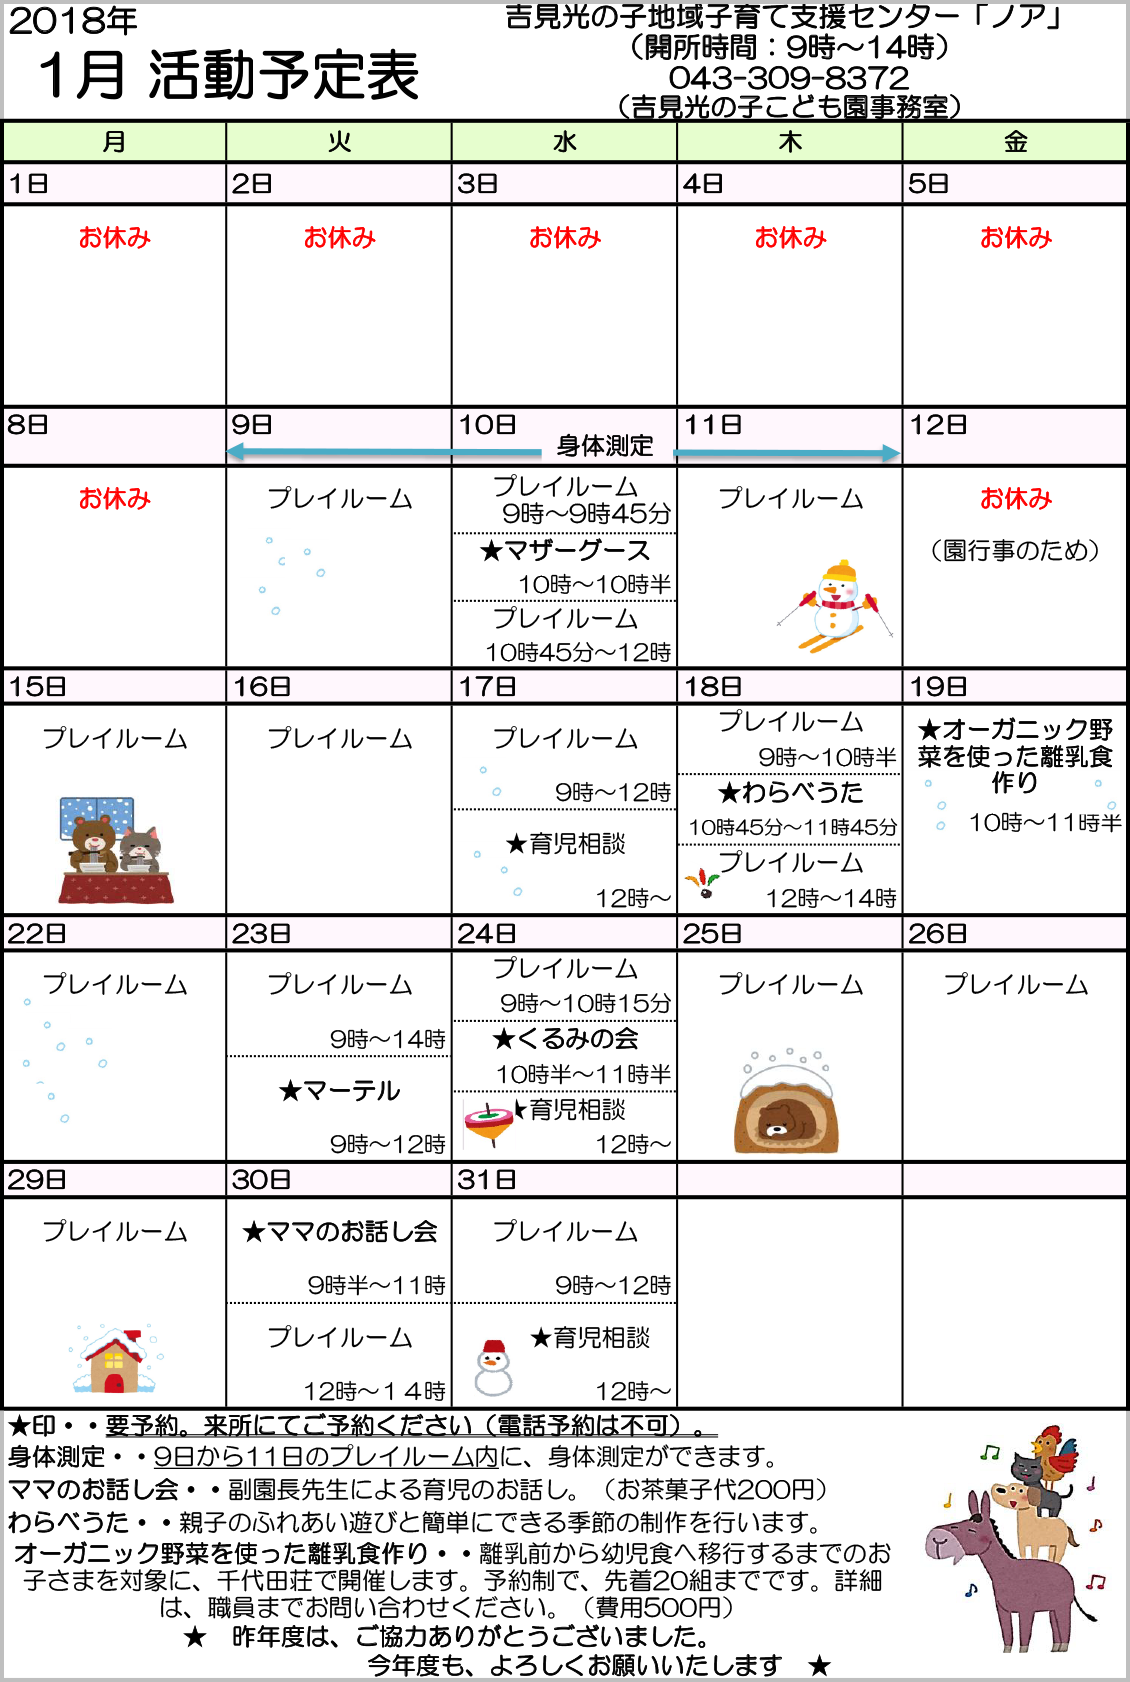 1月ノア活動予定表